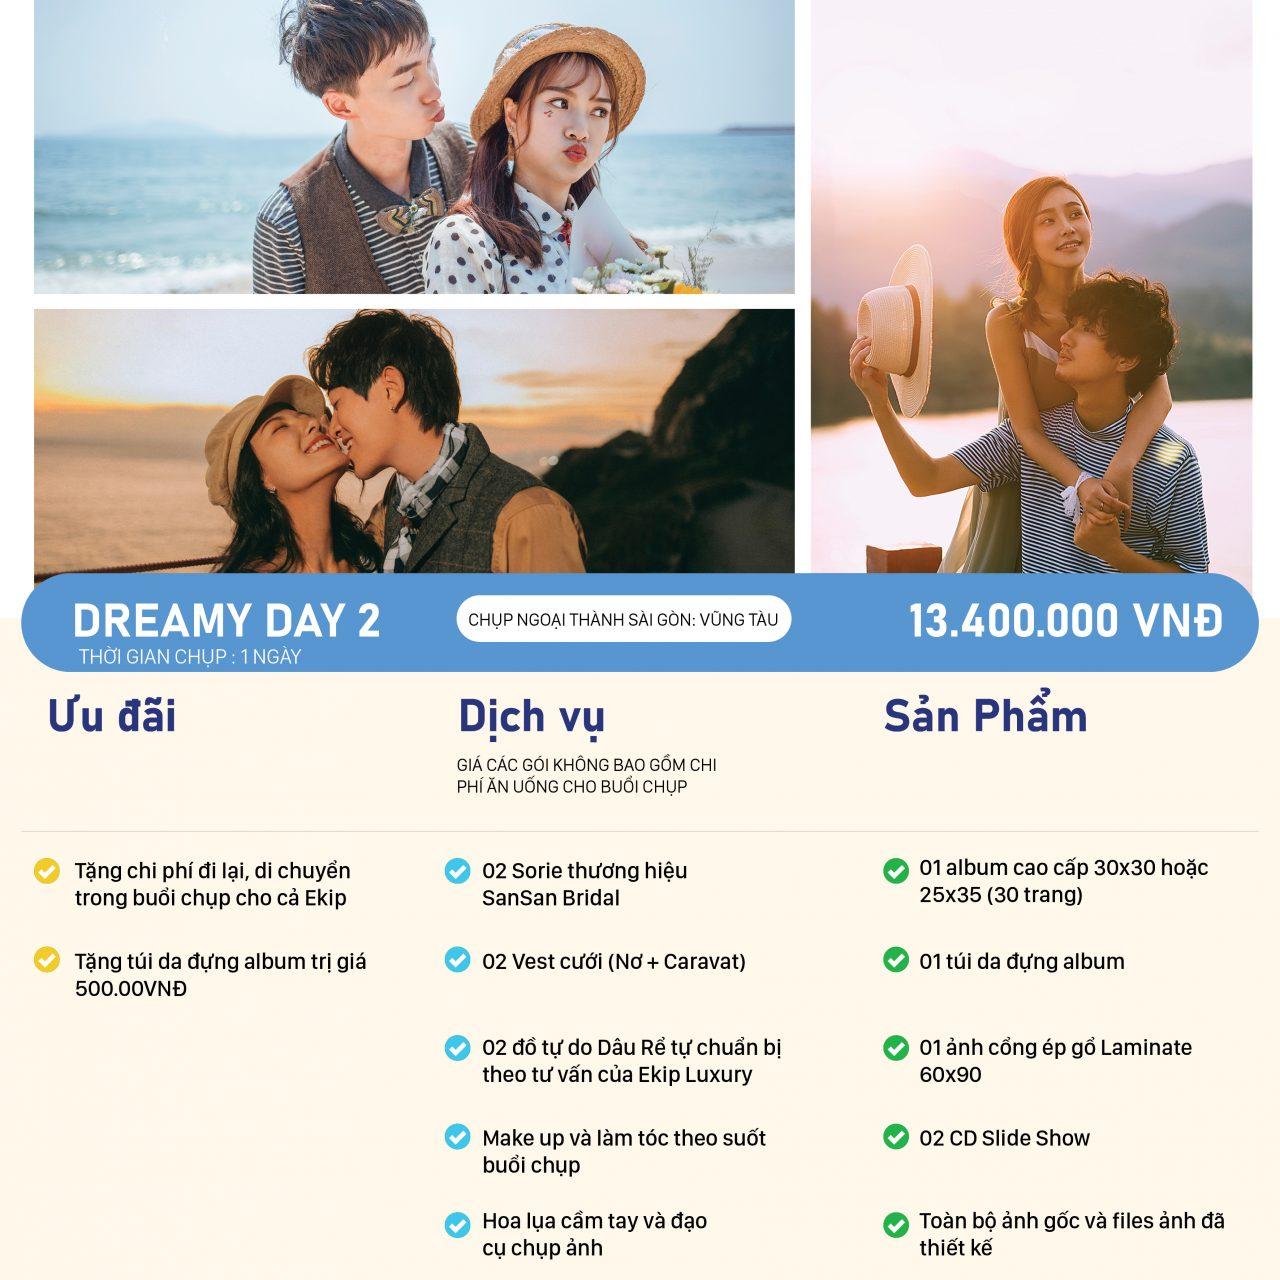 bảng giá chụp ảnh cưới DREAMY DAY 2